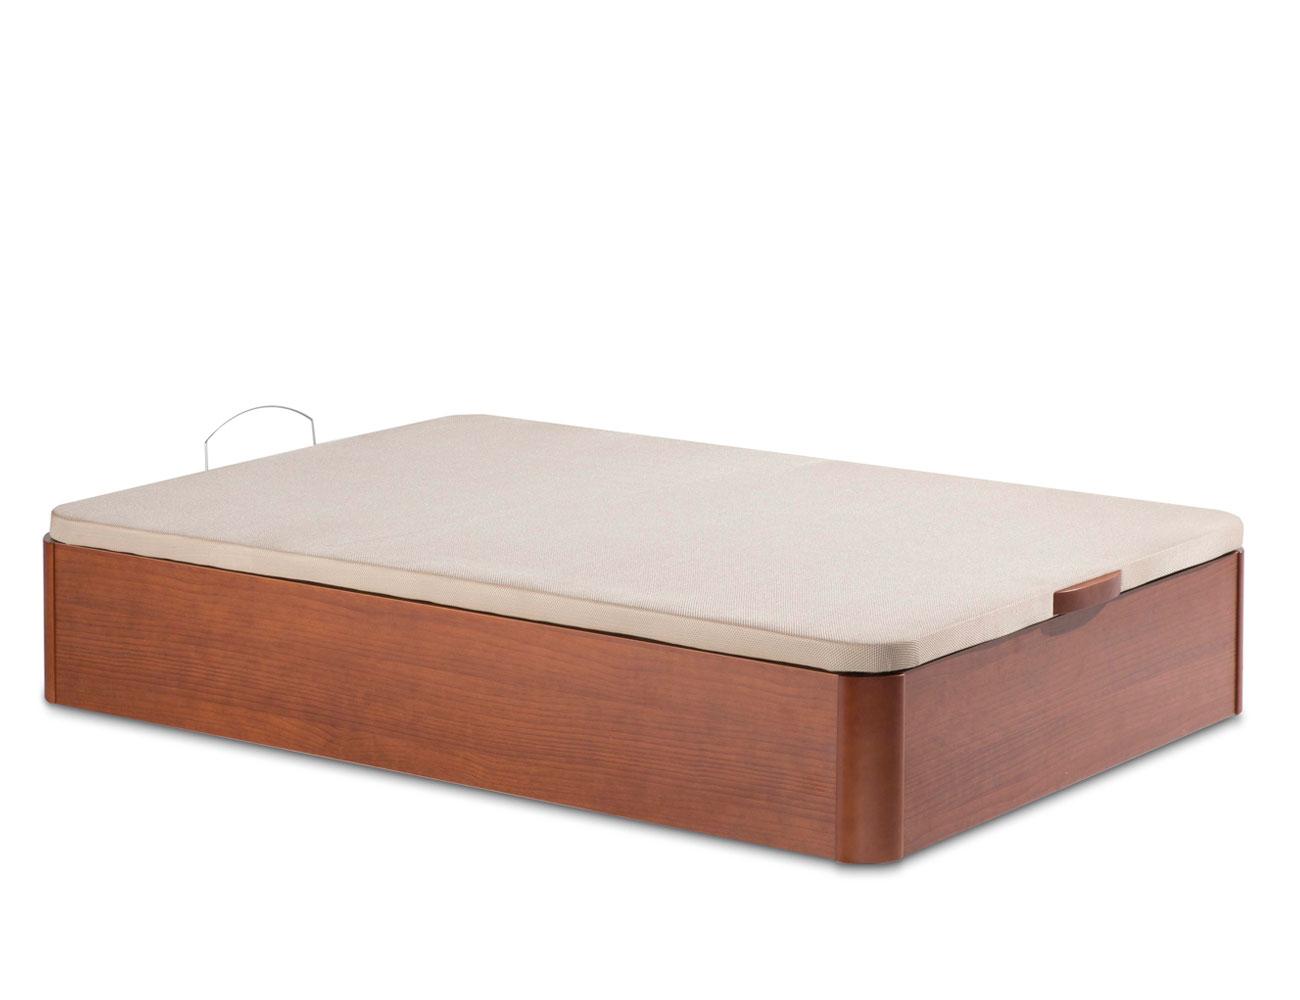 Canape madera base 3d 7318